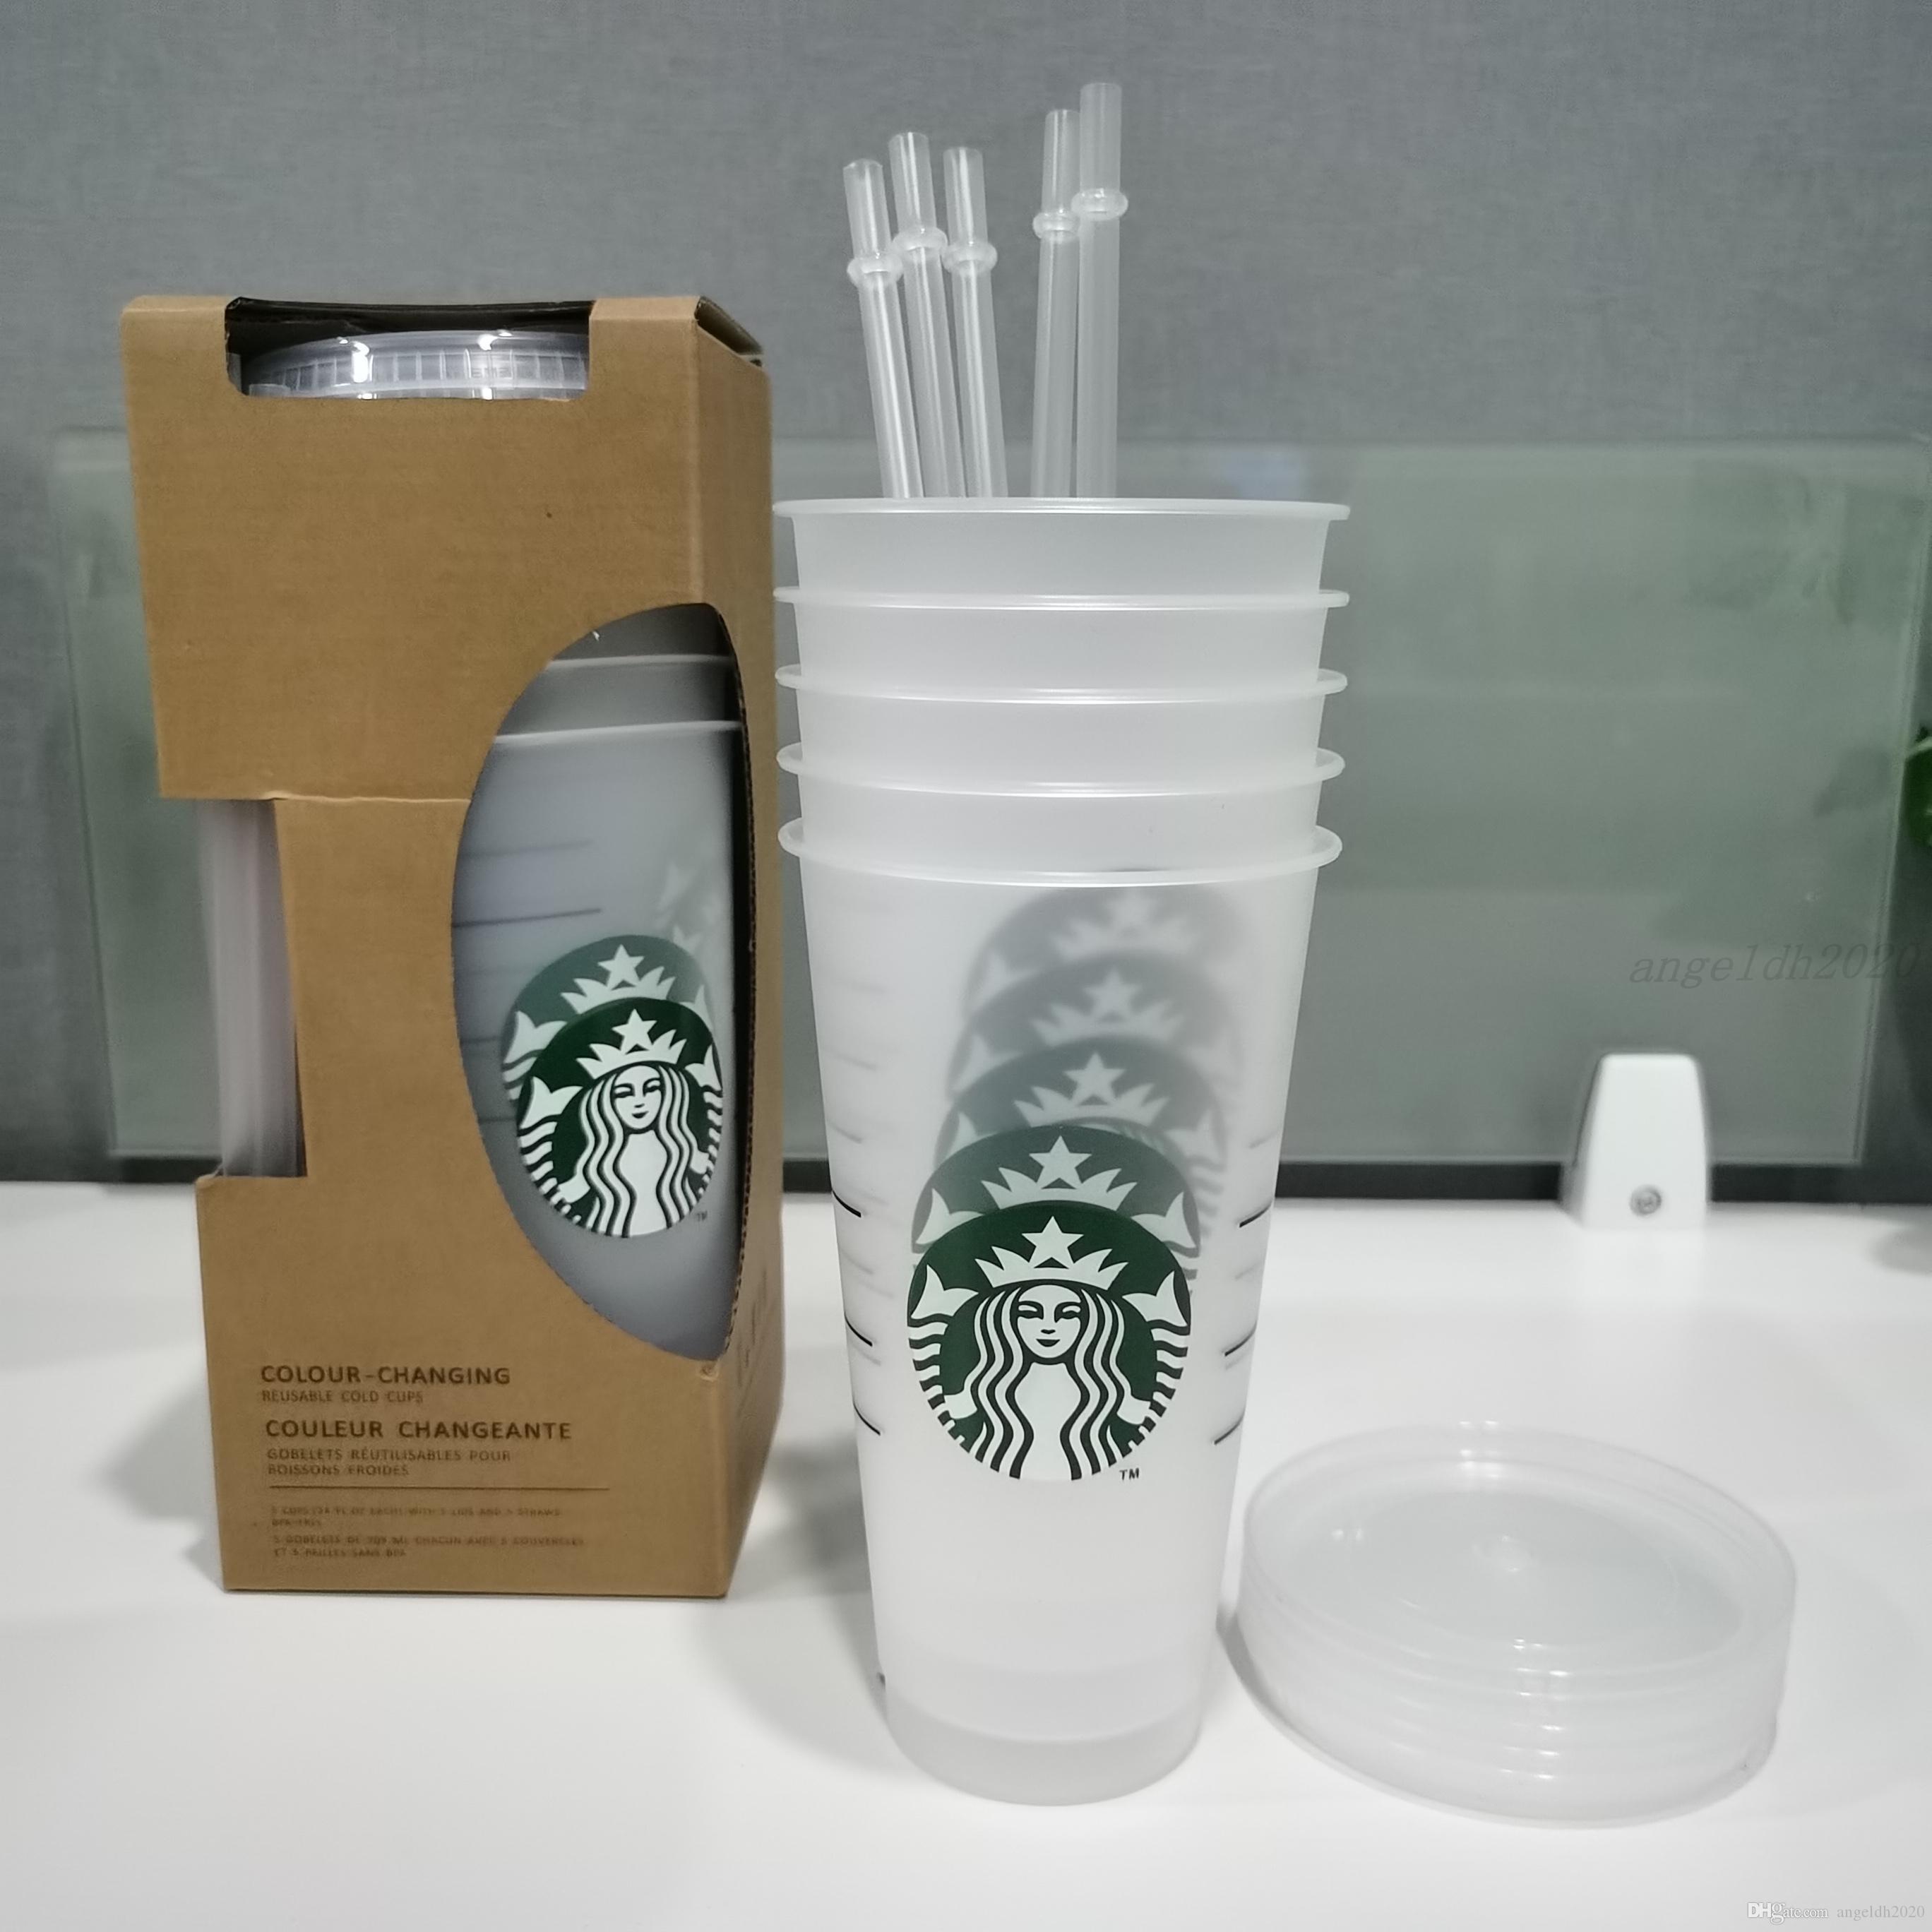 1Set = 5 stücke 24z transparente Plastikbecher Saftbecher, die keine Farbe ändern Wiederverwendbare Getränke-Tasse Starbucks-Tassen mit Deckel und Strohhalmen Coffe